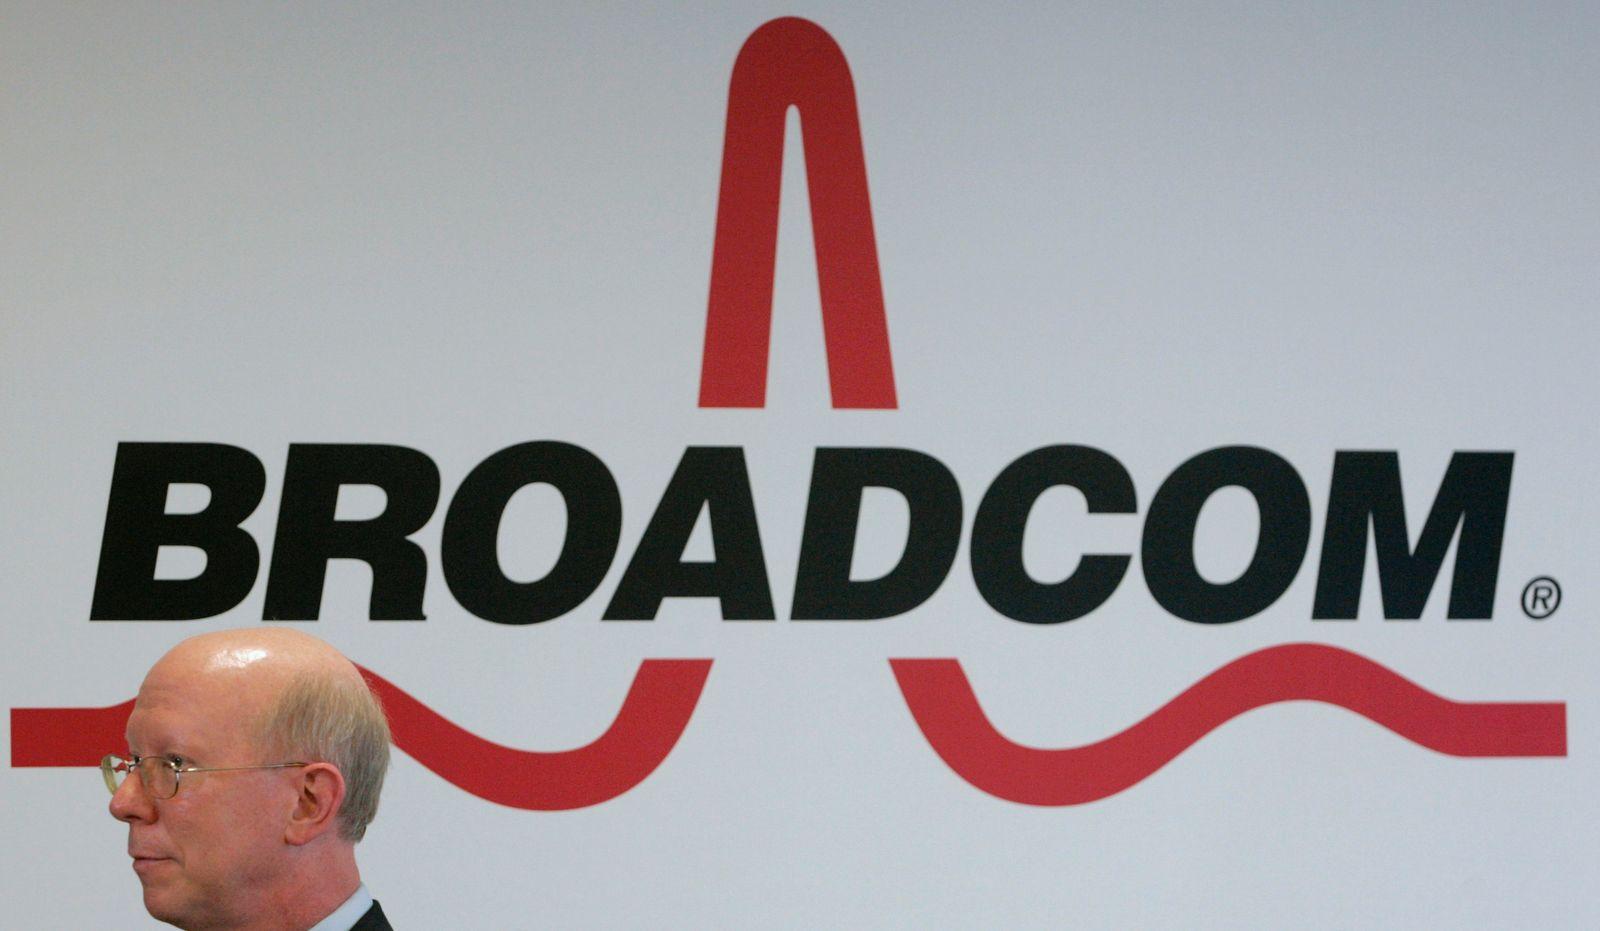 BROADCOM/Logo